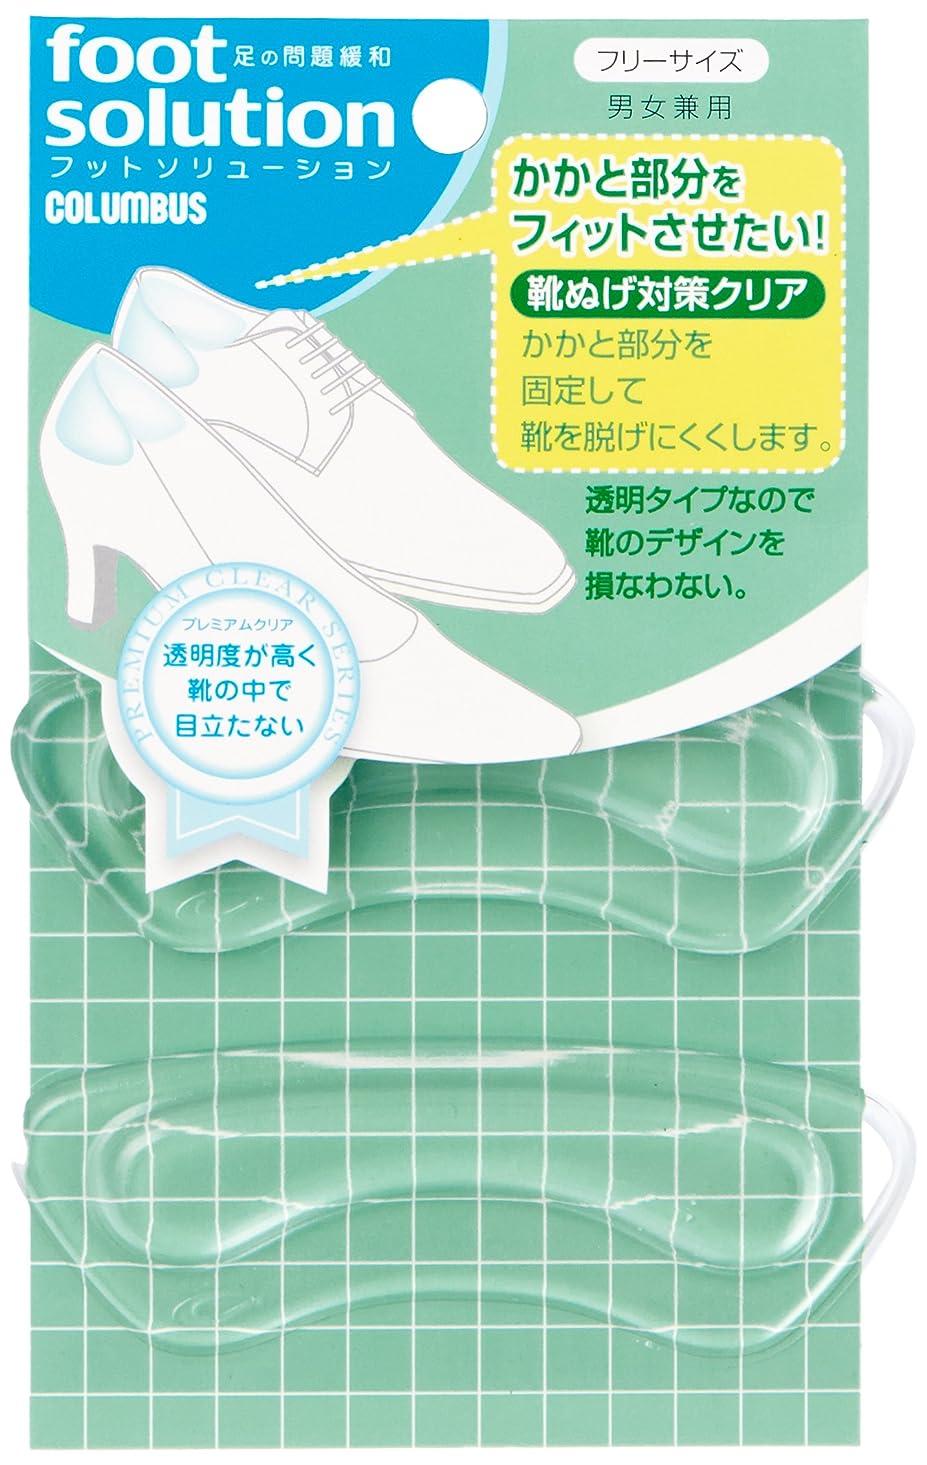 教育学パンフレット追い出す[コロンブス] 靴脱げ対策クリア Foot Solution 88550005